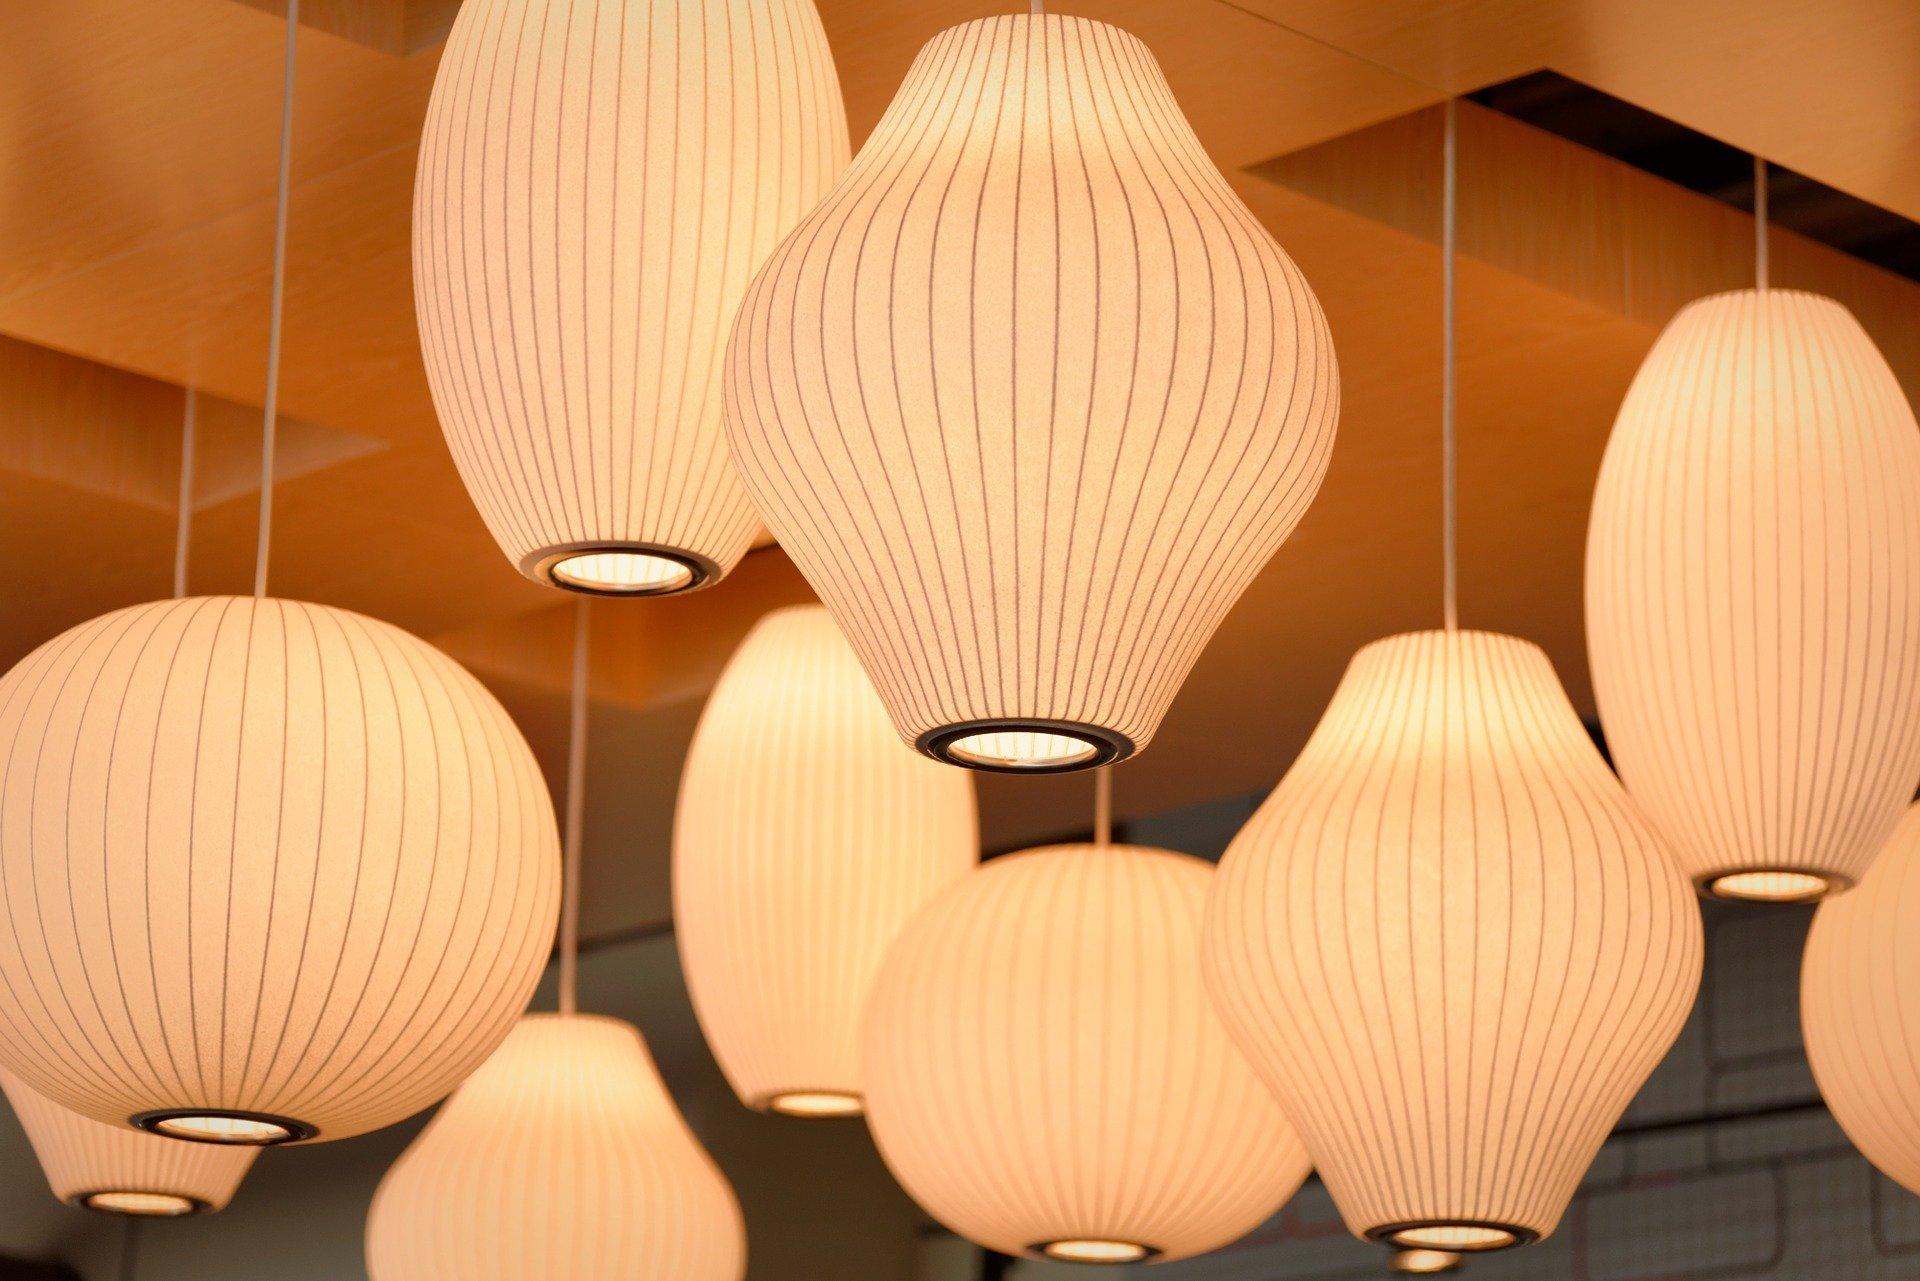 lamper der hænger fra loftet